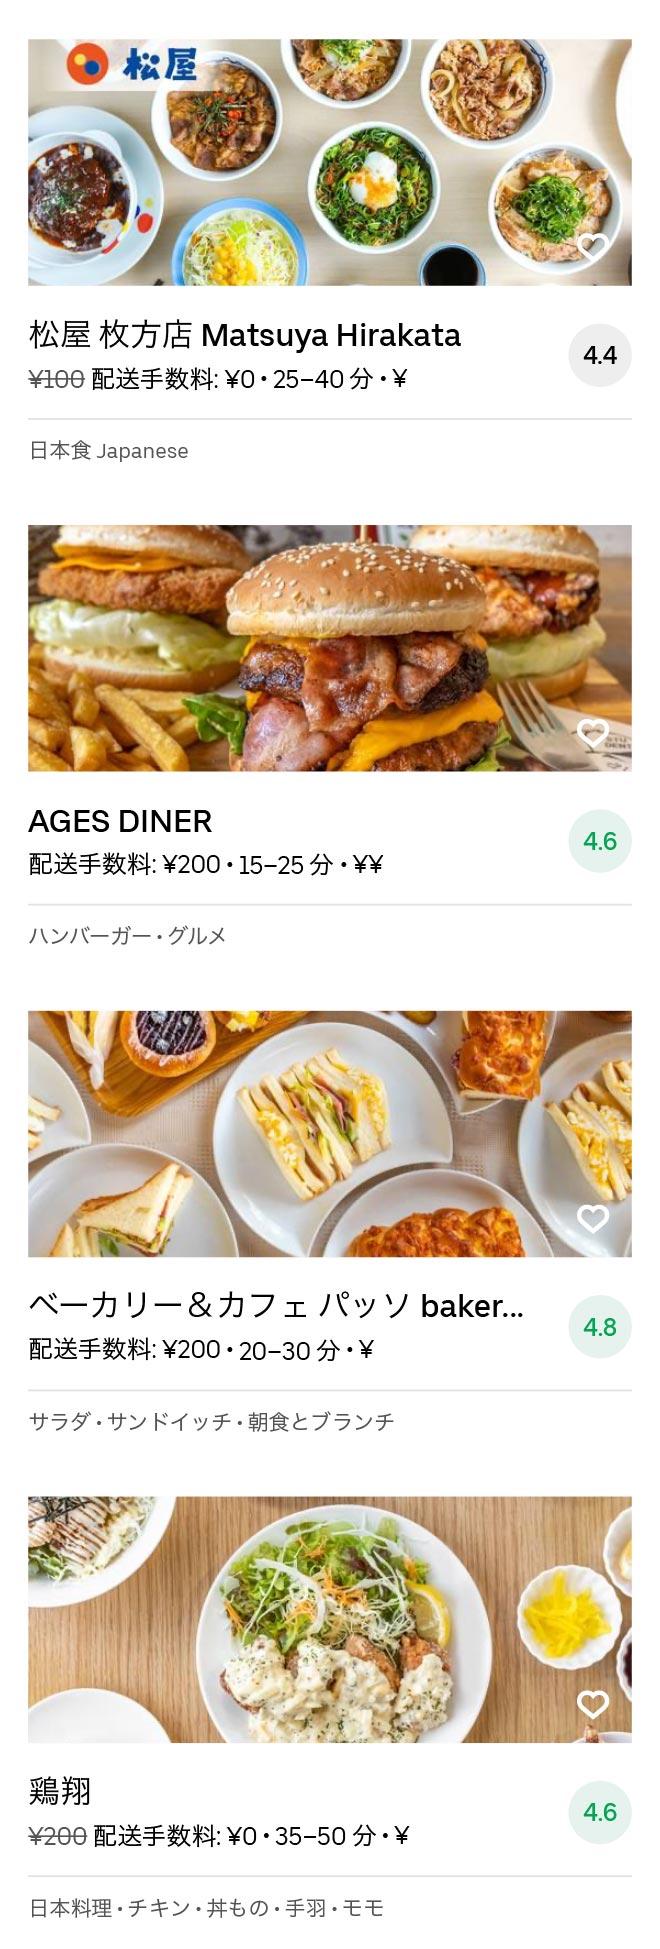 Hirakatashi menu 2010 05